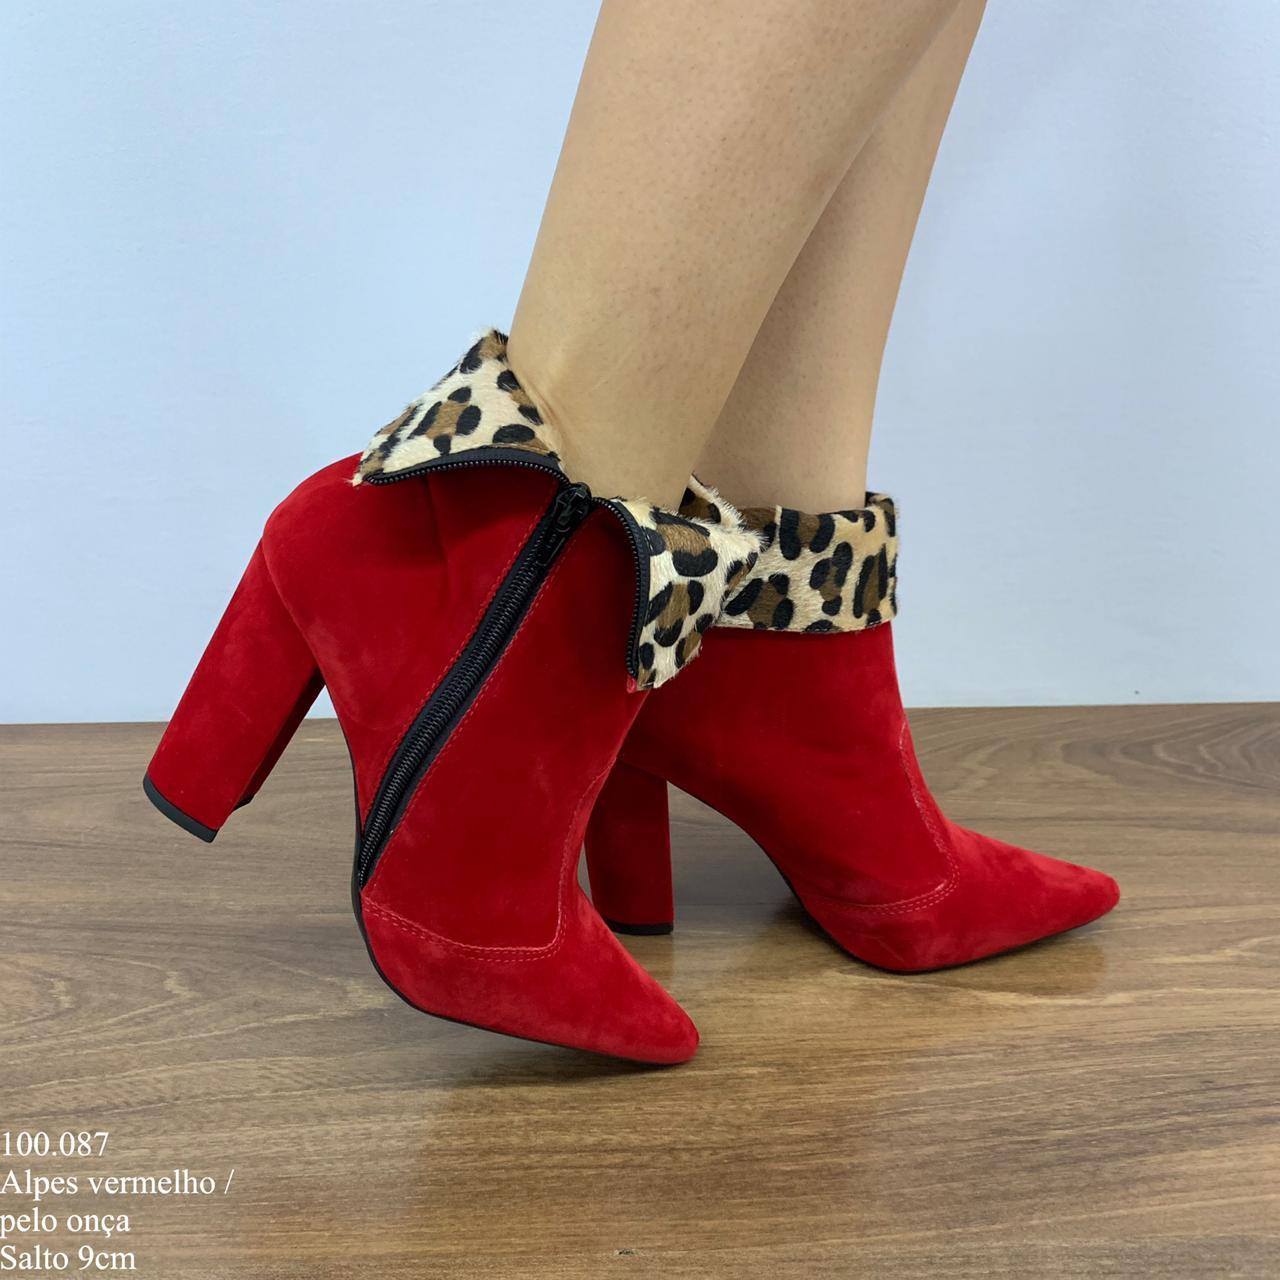 0b4d263ea Bota Vermelha | Bota Cano Curto | Calçados Diferente